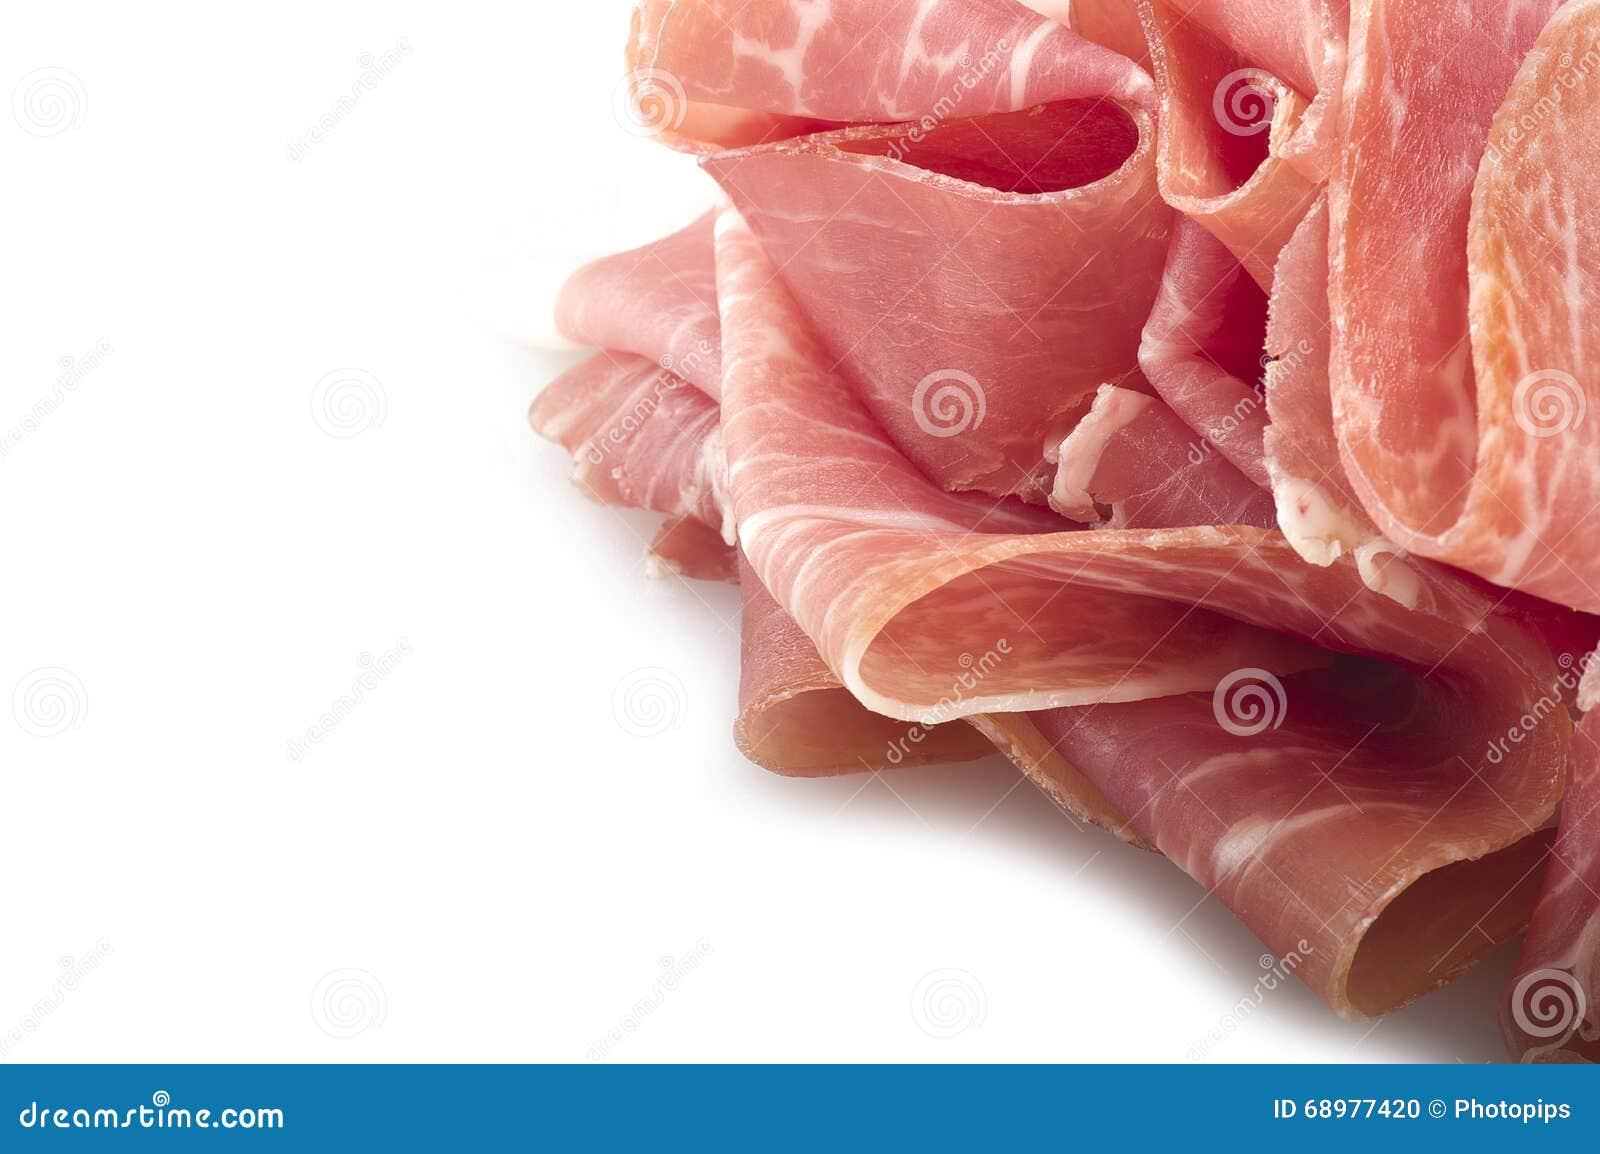 Pierna cruda del jamón cortada